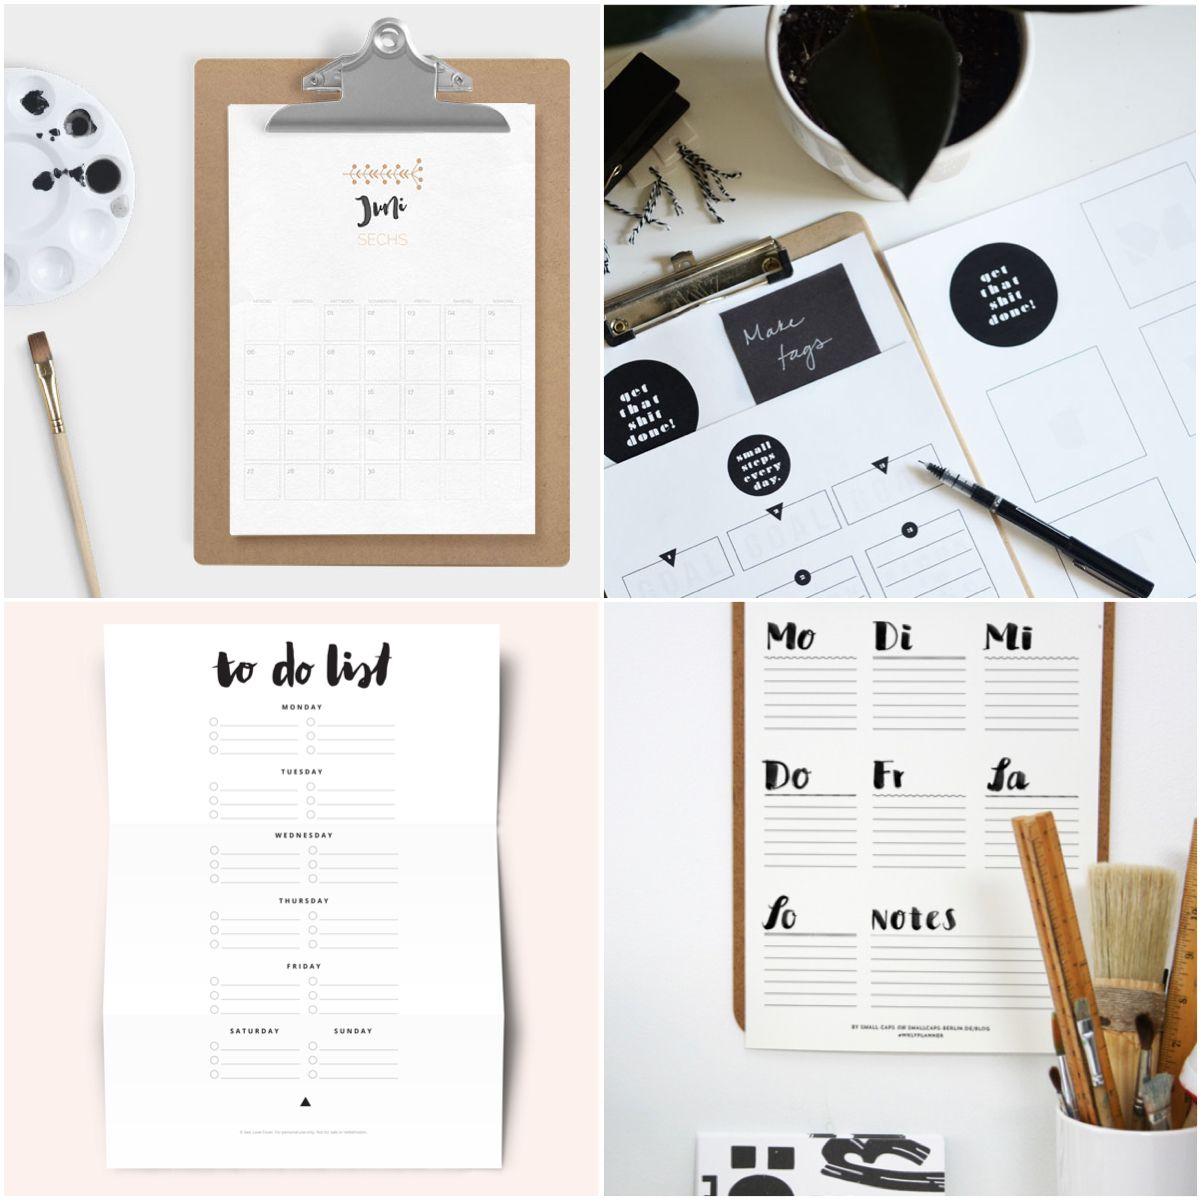 Free Printable // Kostenlose Druckvorlagen Zum Organisieren ganzes Kostenlose Druckvorlagen